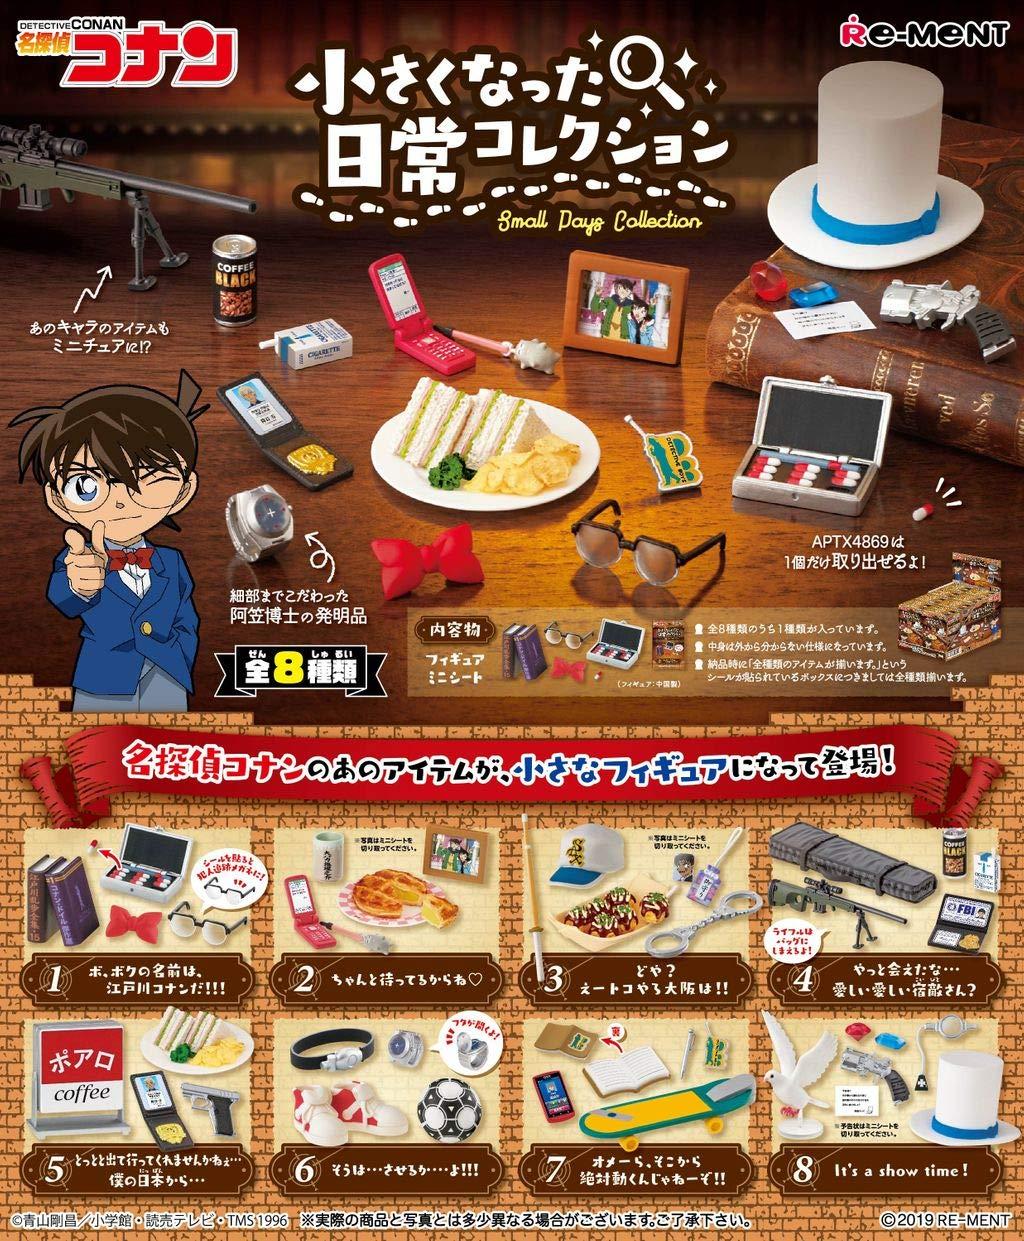 名探偵コナン 小さくなった日常コレクション BOX 8個入 【全種揃います】